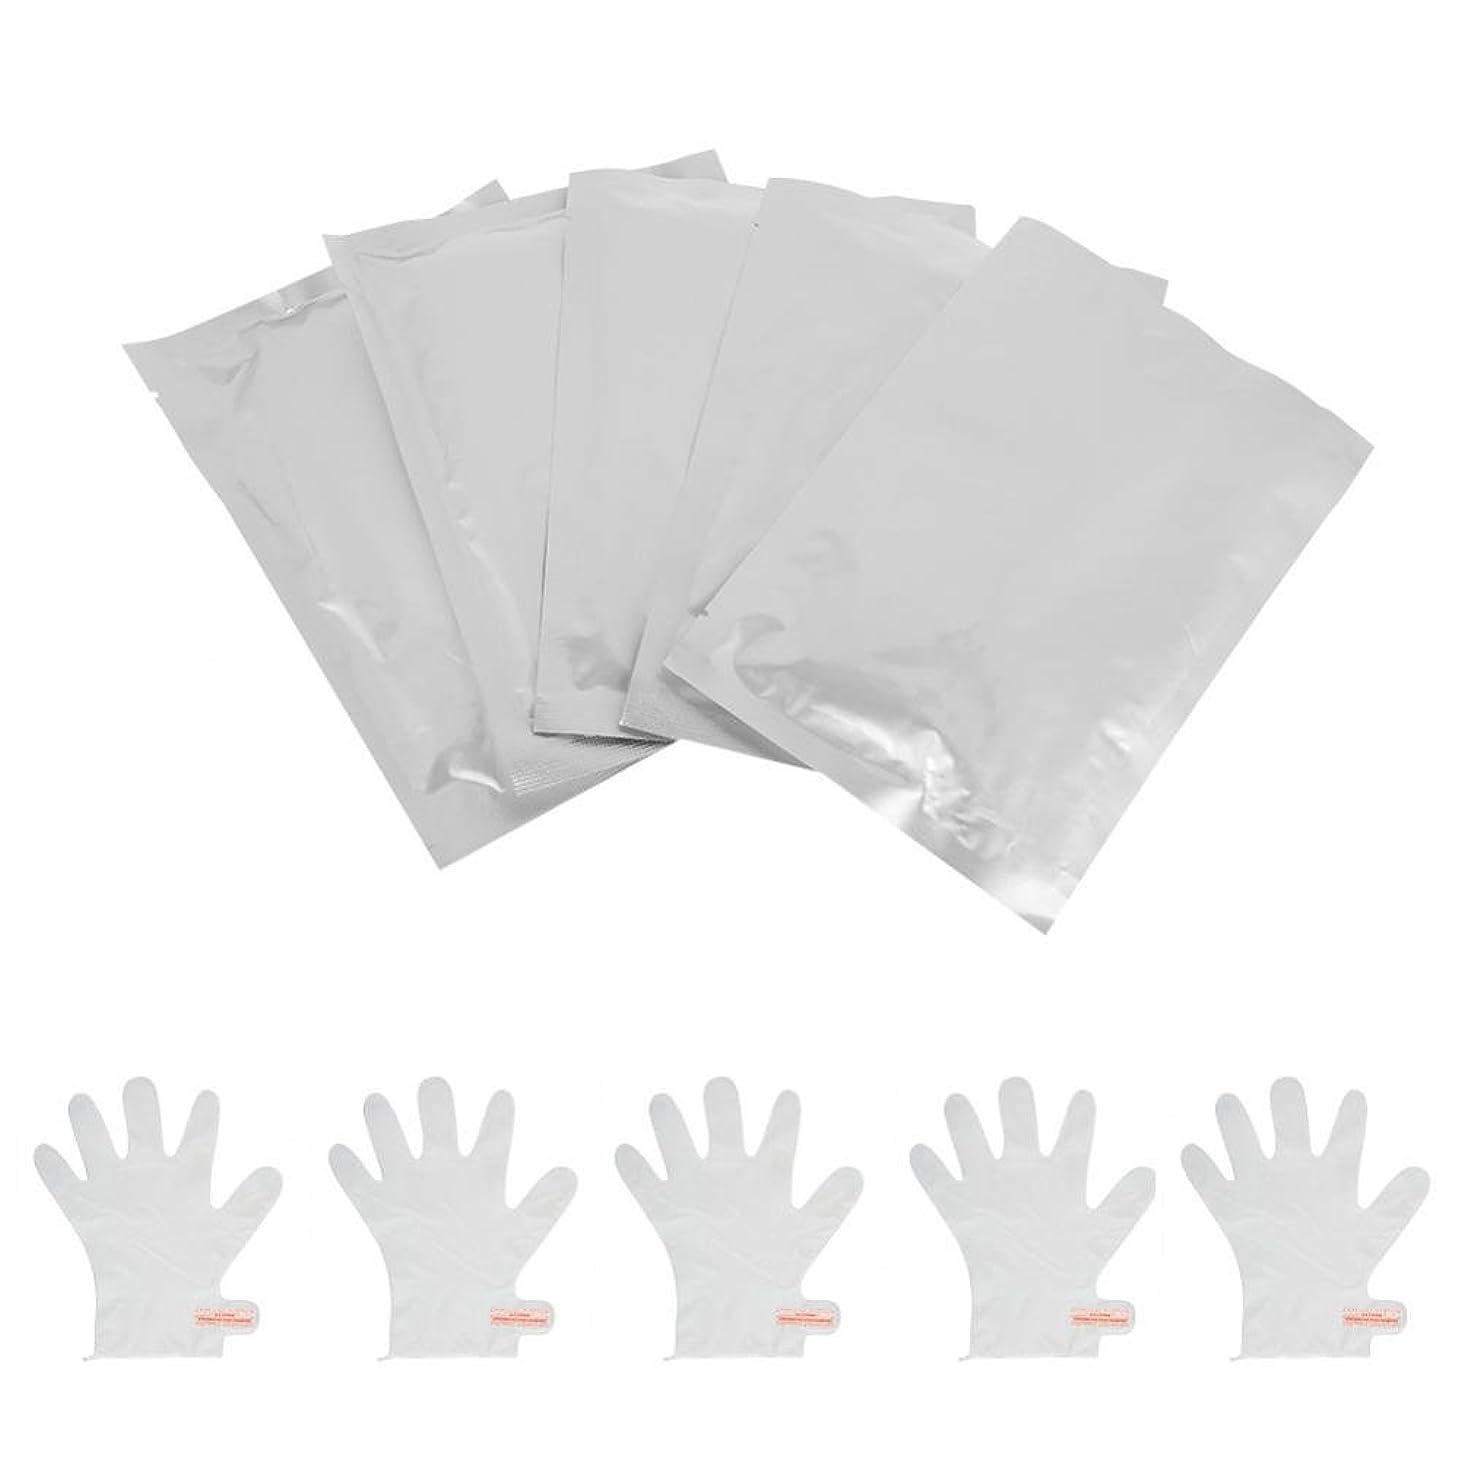 製造議会ユニークなOchun ハンドマスク ハンドパック しっとり 保湿ケア 手荒れを防ぐ 乾燥の季節に適用 手袋のようにはめるだけ 10枚セット